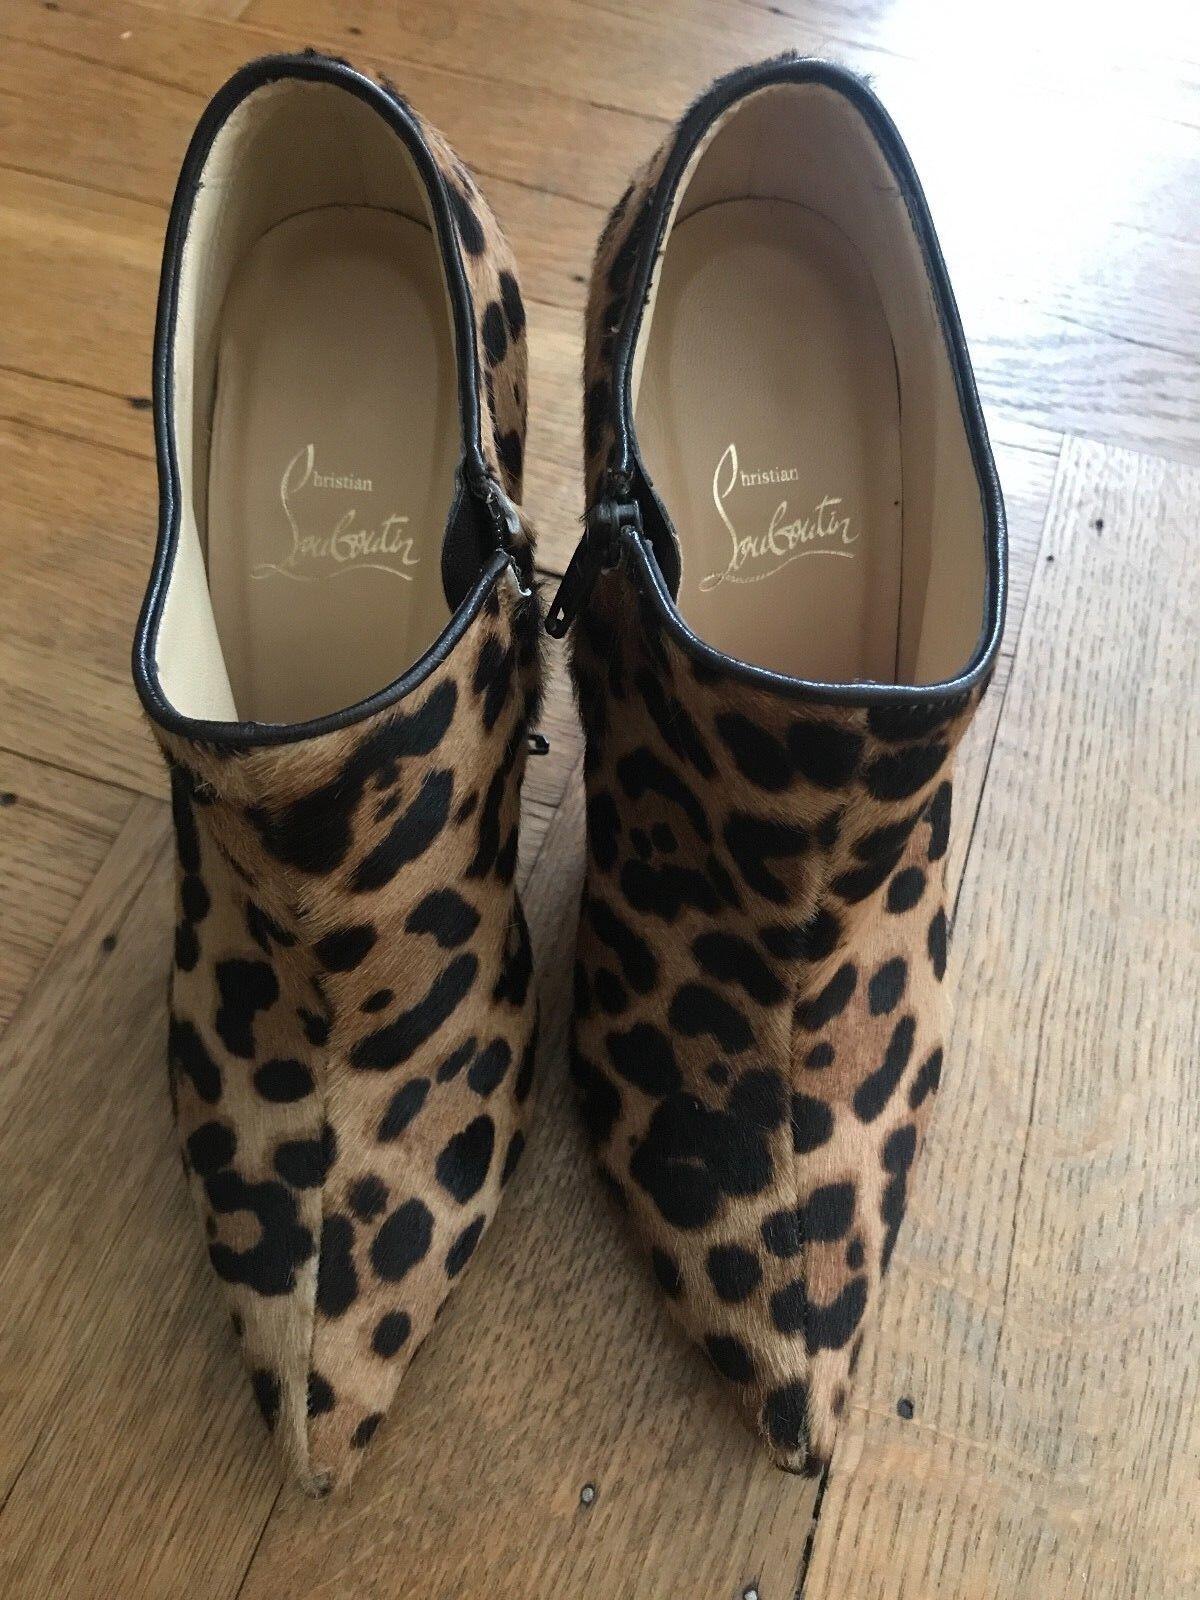 c89bb20ddb2015 messieurs et mesdames mesdames mesdames christian louboutin chaussures  belles chaussures bien léger conc ept ion | Choix Des Matériaux dbfc55